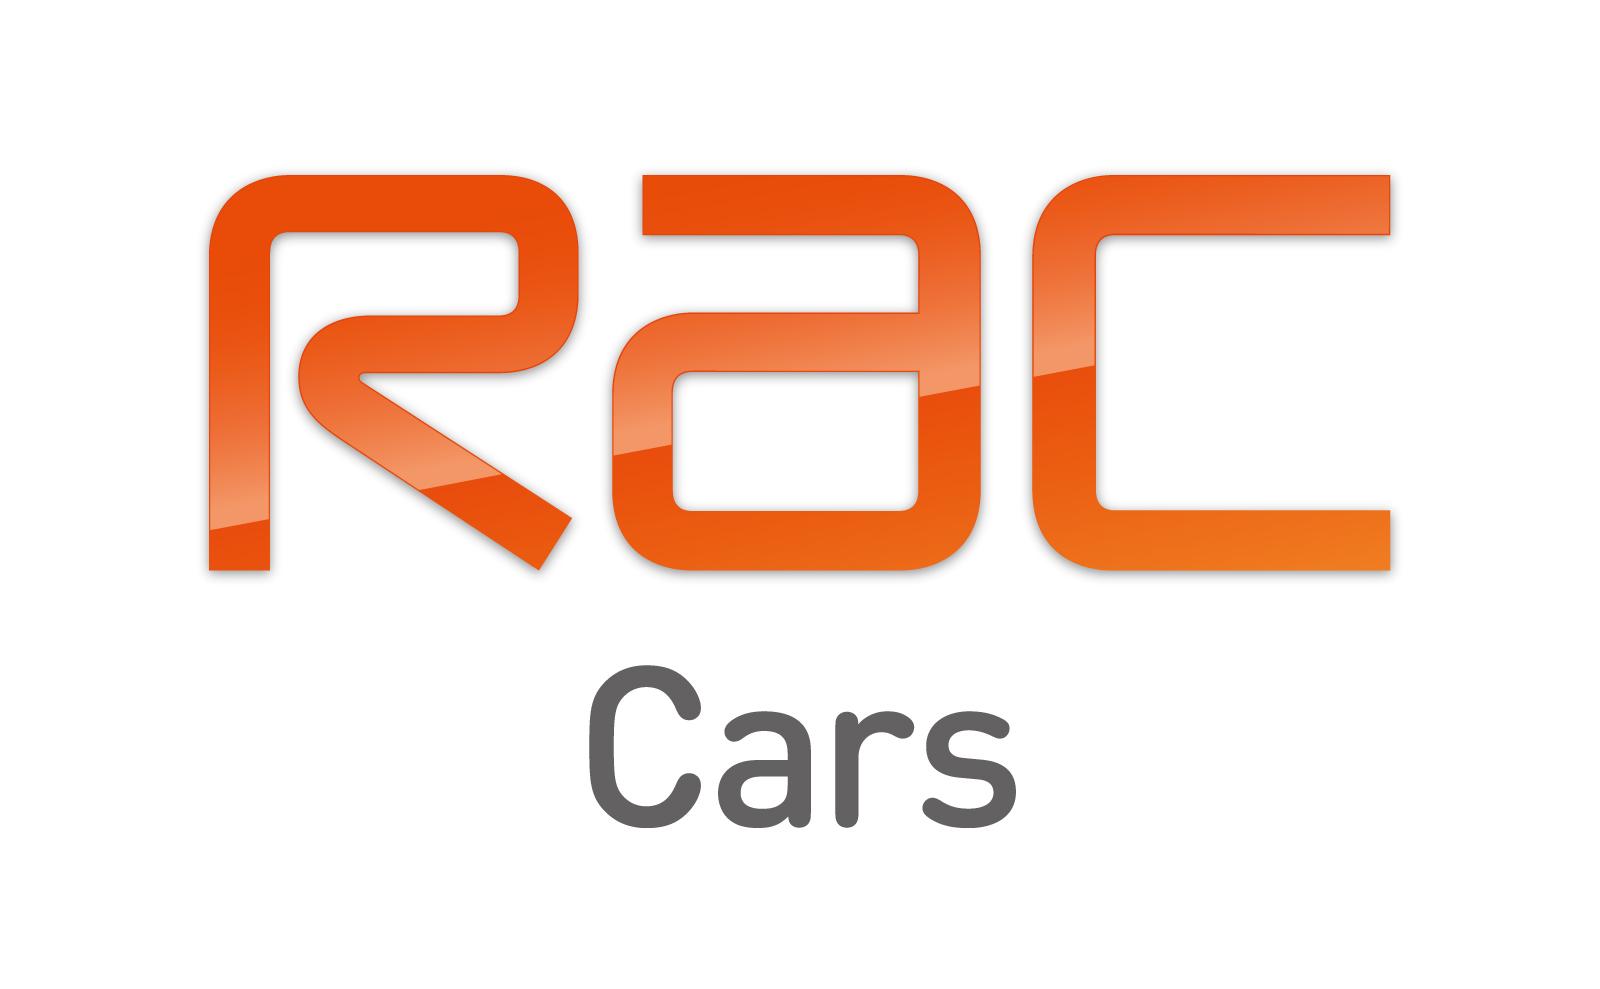 Rac Cars Reviews Motoring Classified